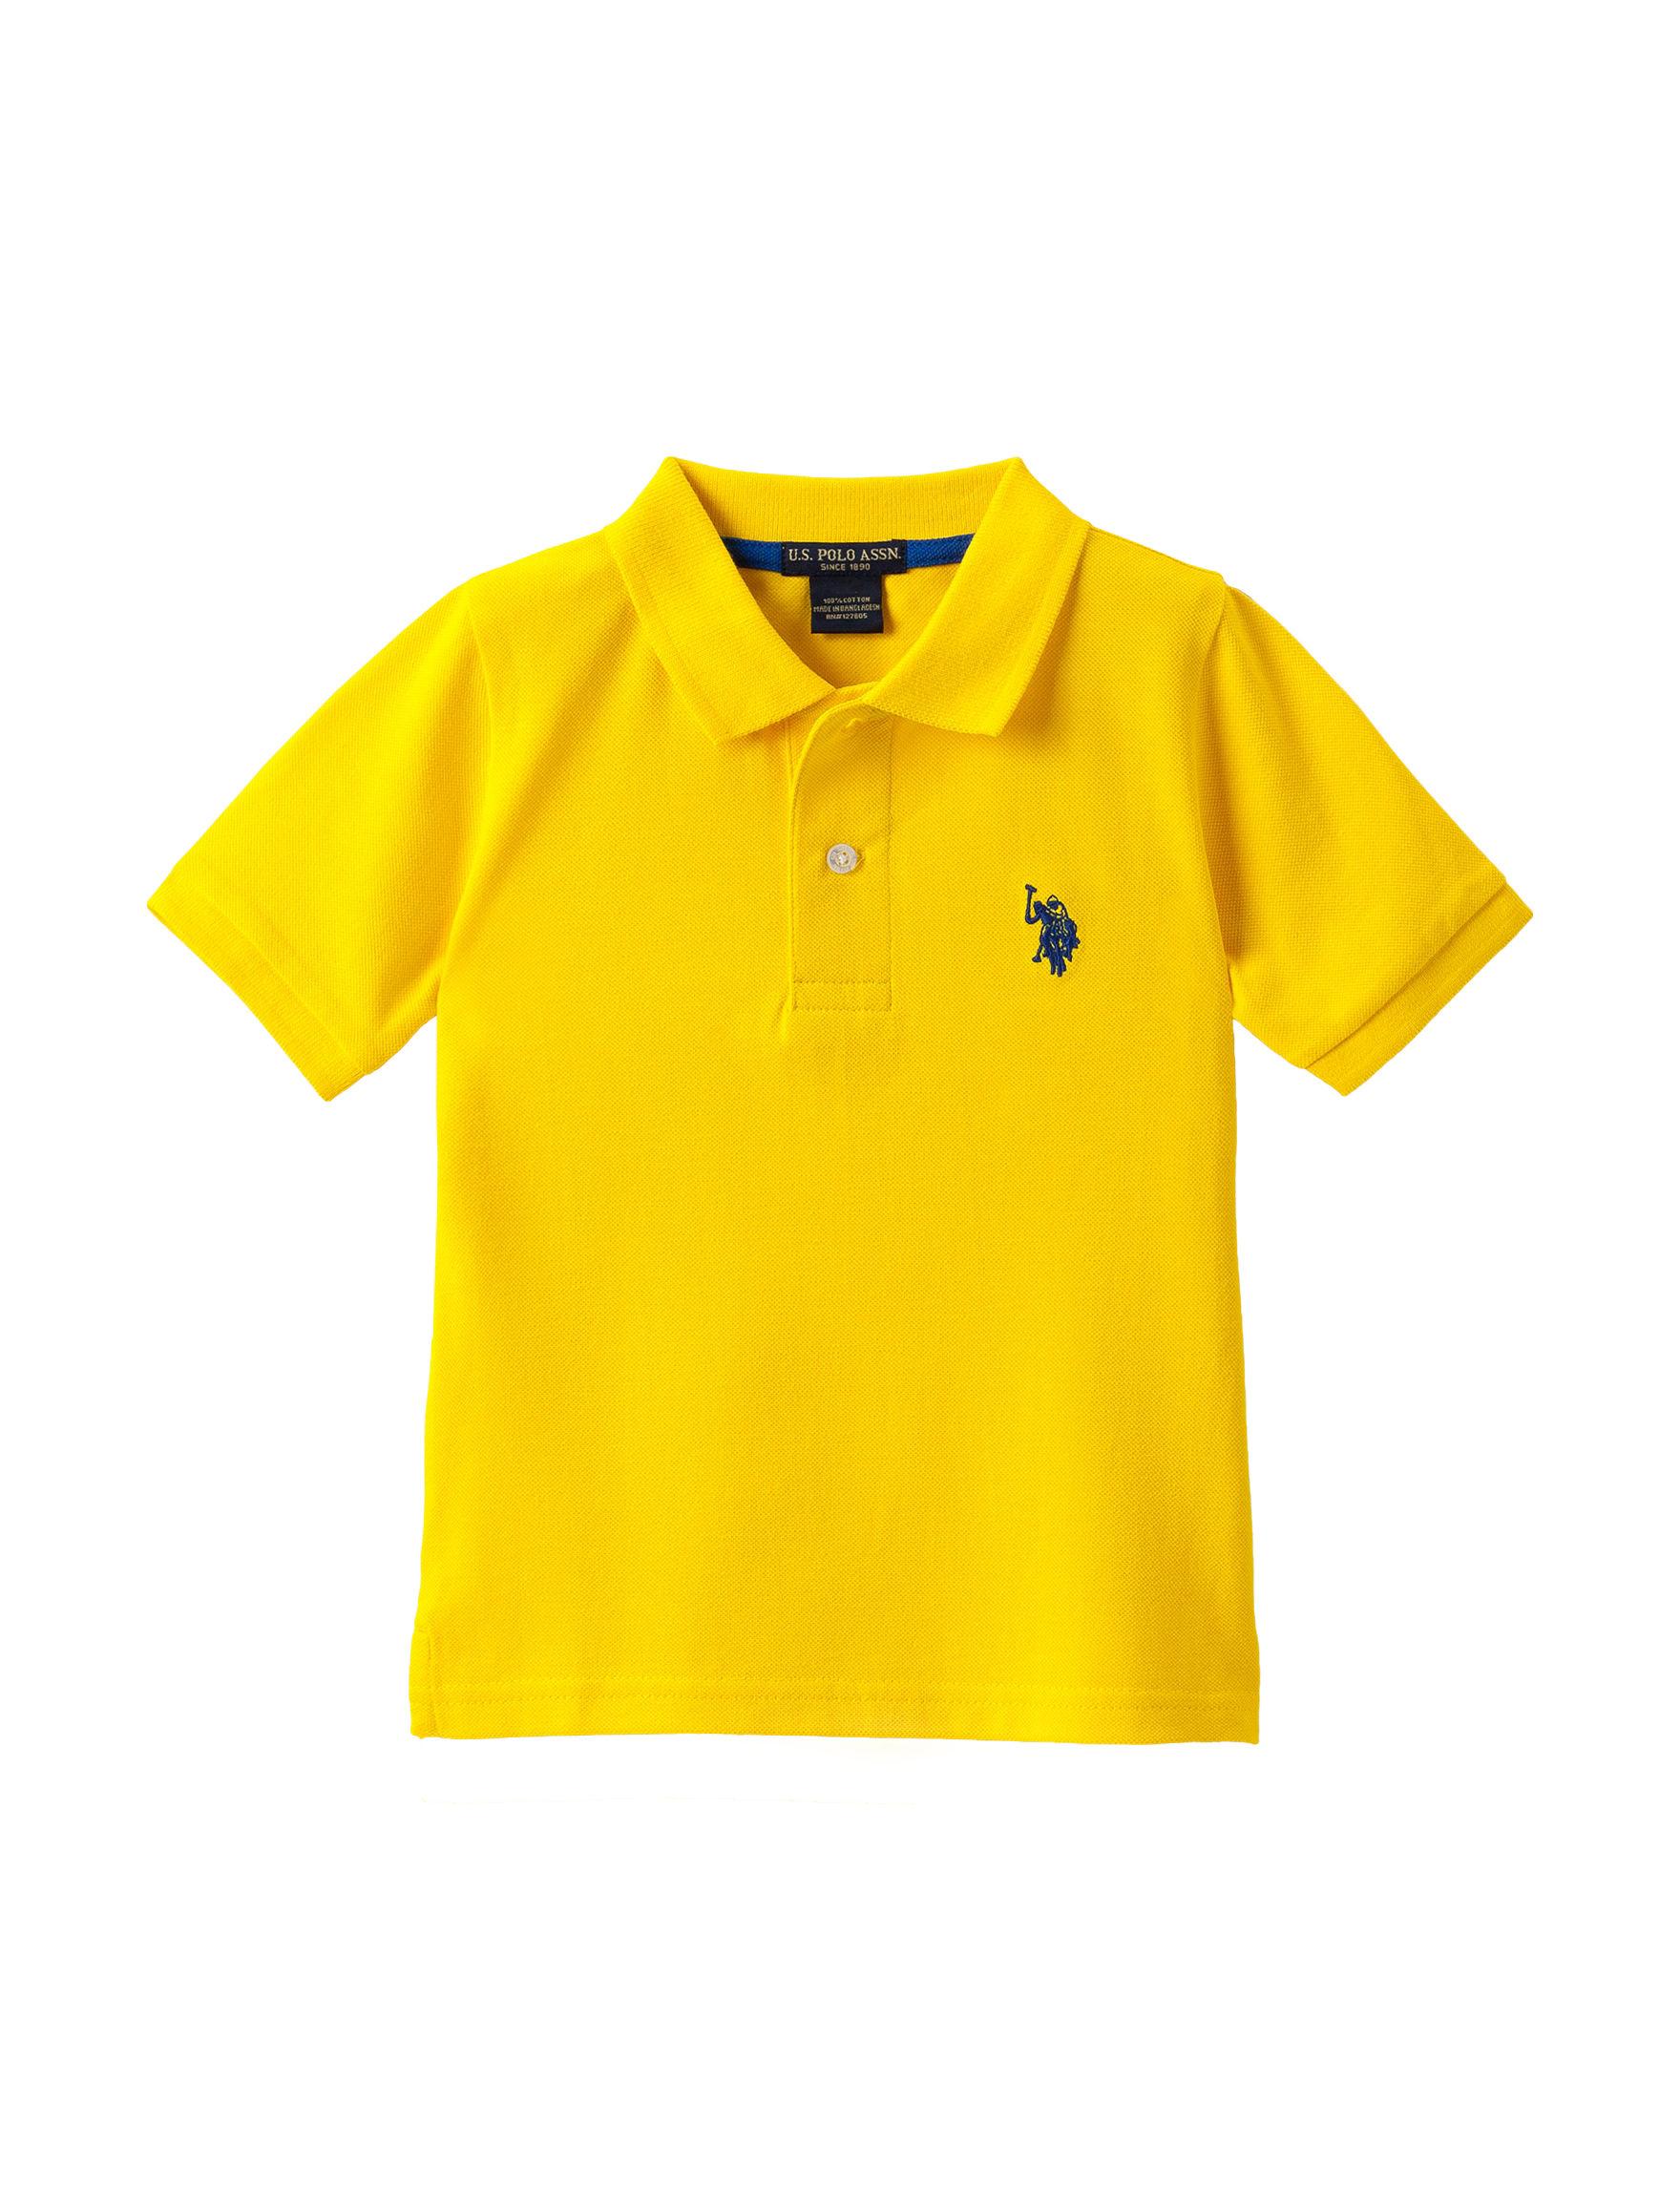 U.S. Polo Assn. Yellow